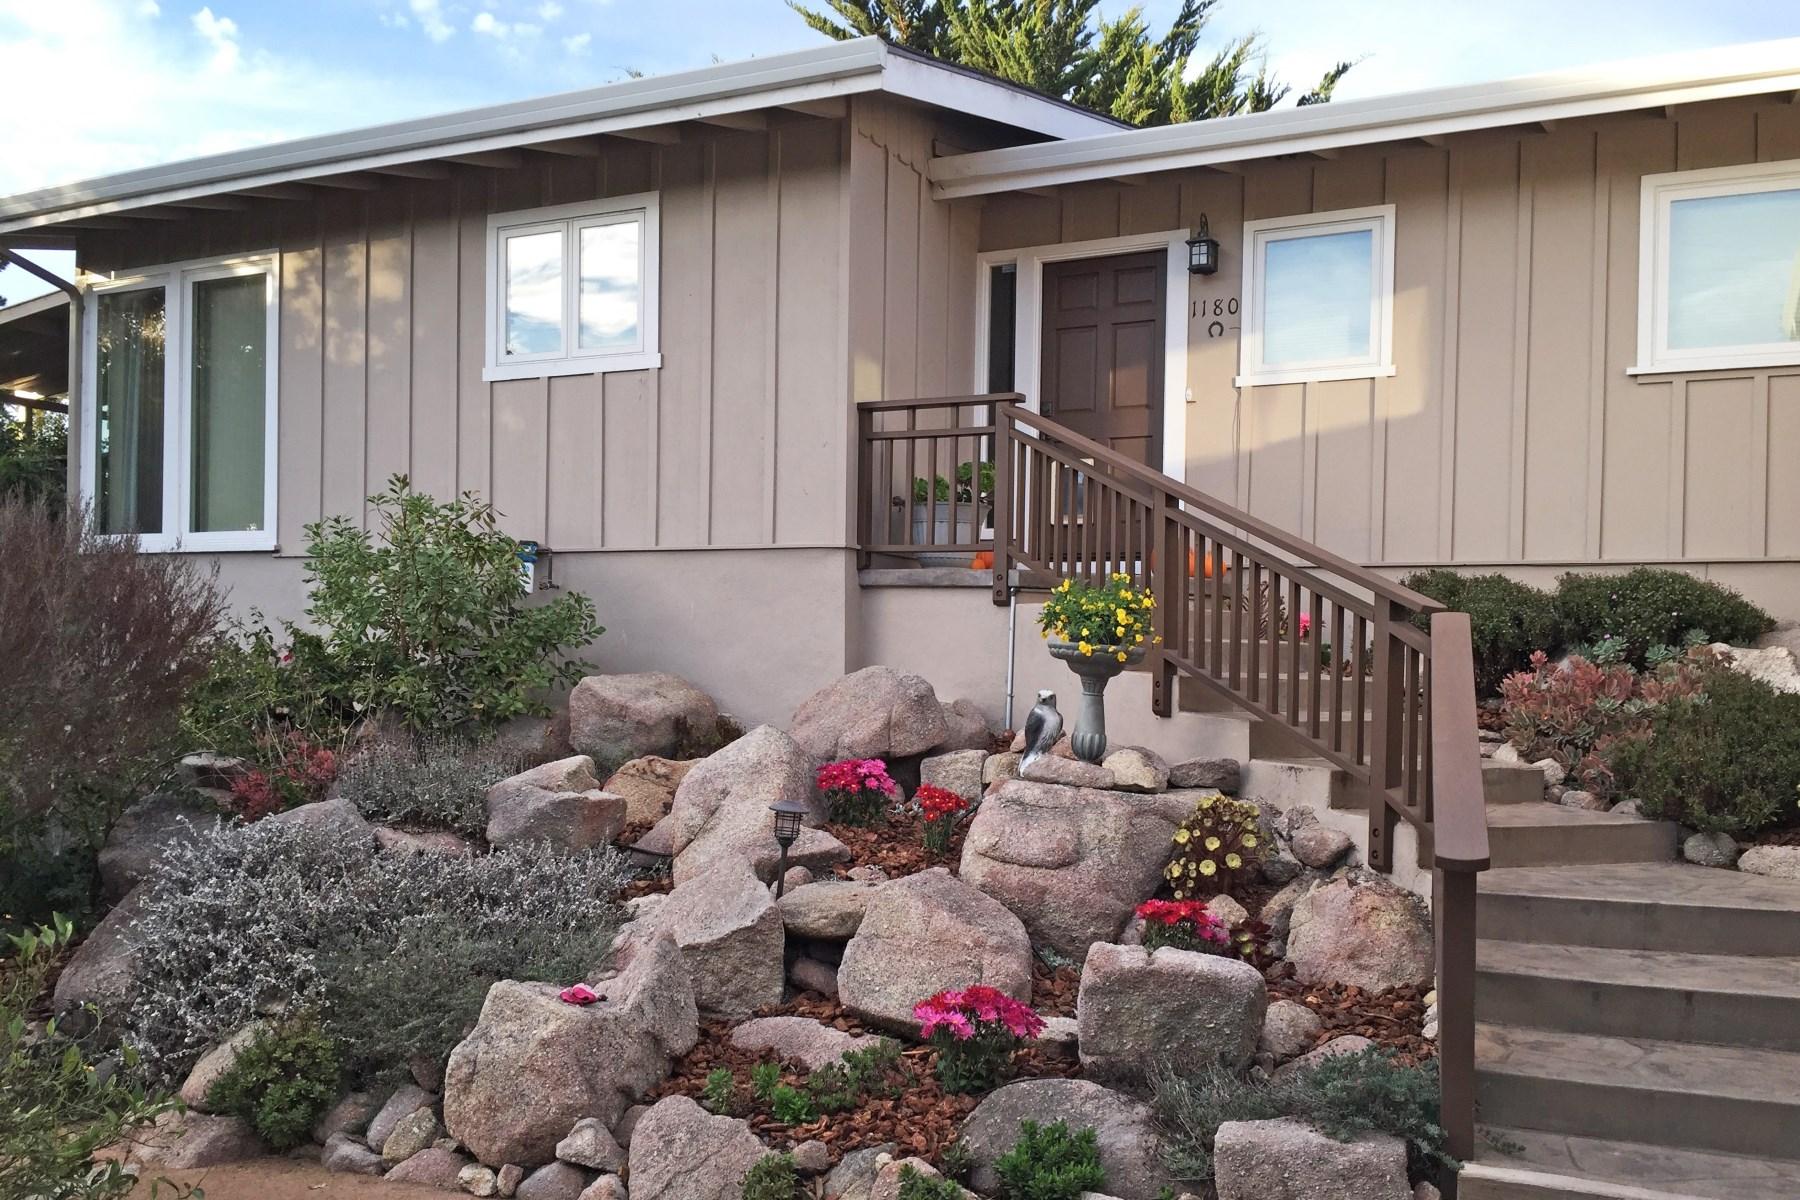 Tek Ailelik Ev için Satış at Dreamy Cottage in Pacific Grove 1180 Jewell Avenue Pacific Grove, Kaliforniya 93950 Amerika Birleşik Devletleri